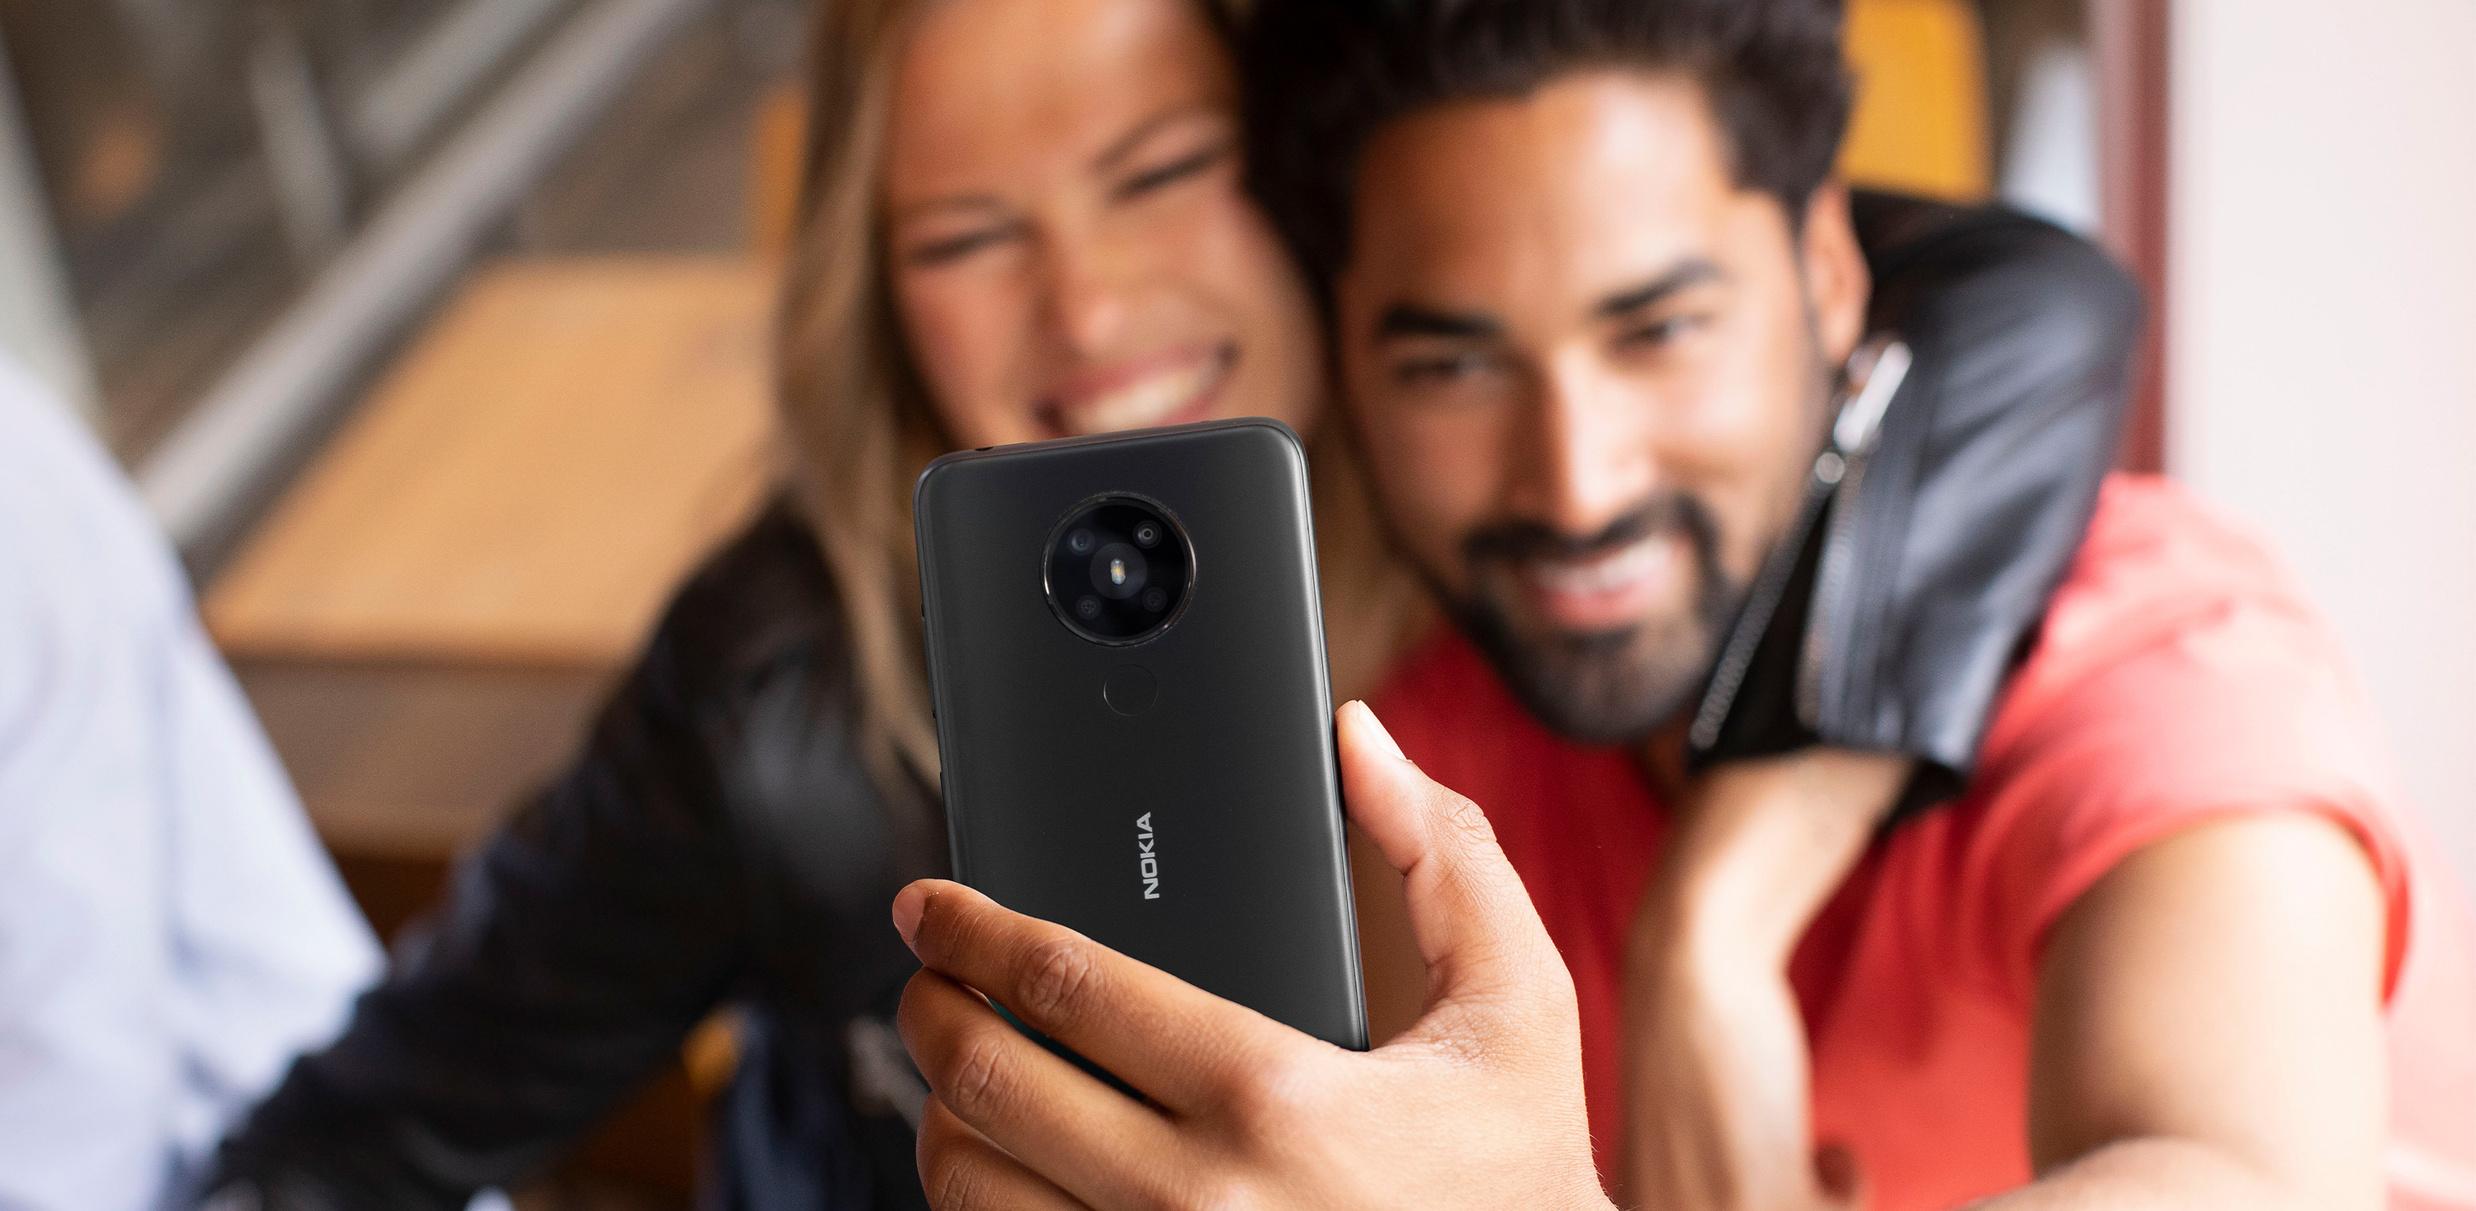 HMD-Amazon_brand-Nokia_5_3-lifestyle-Charcoal.jpg